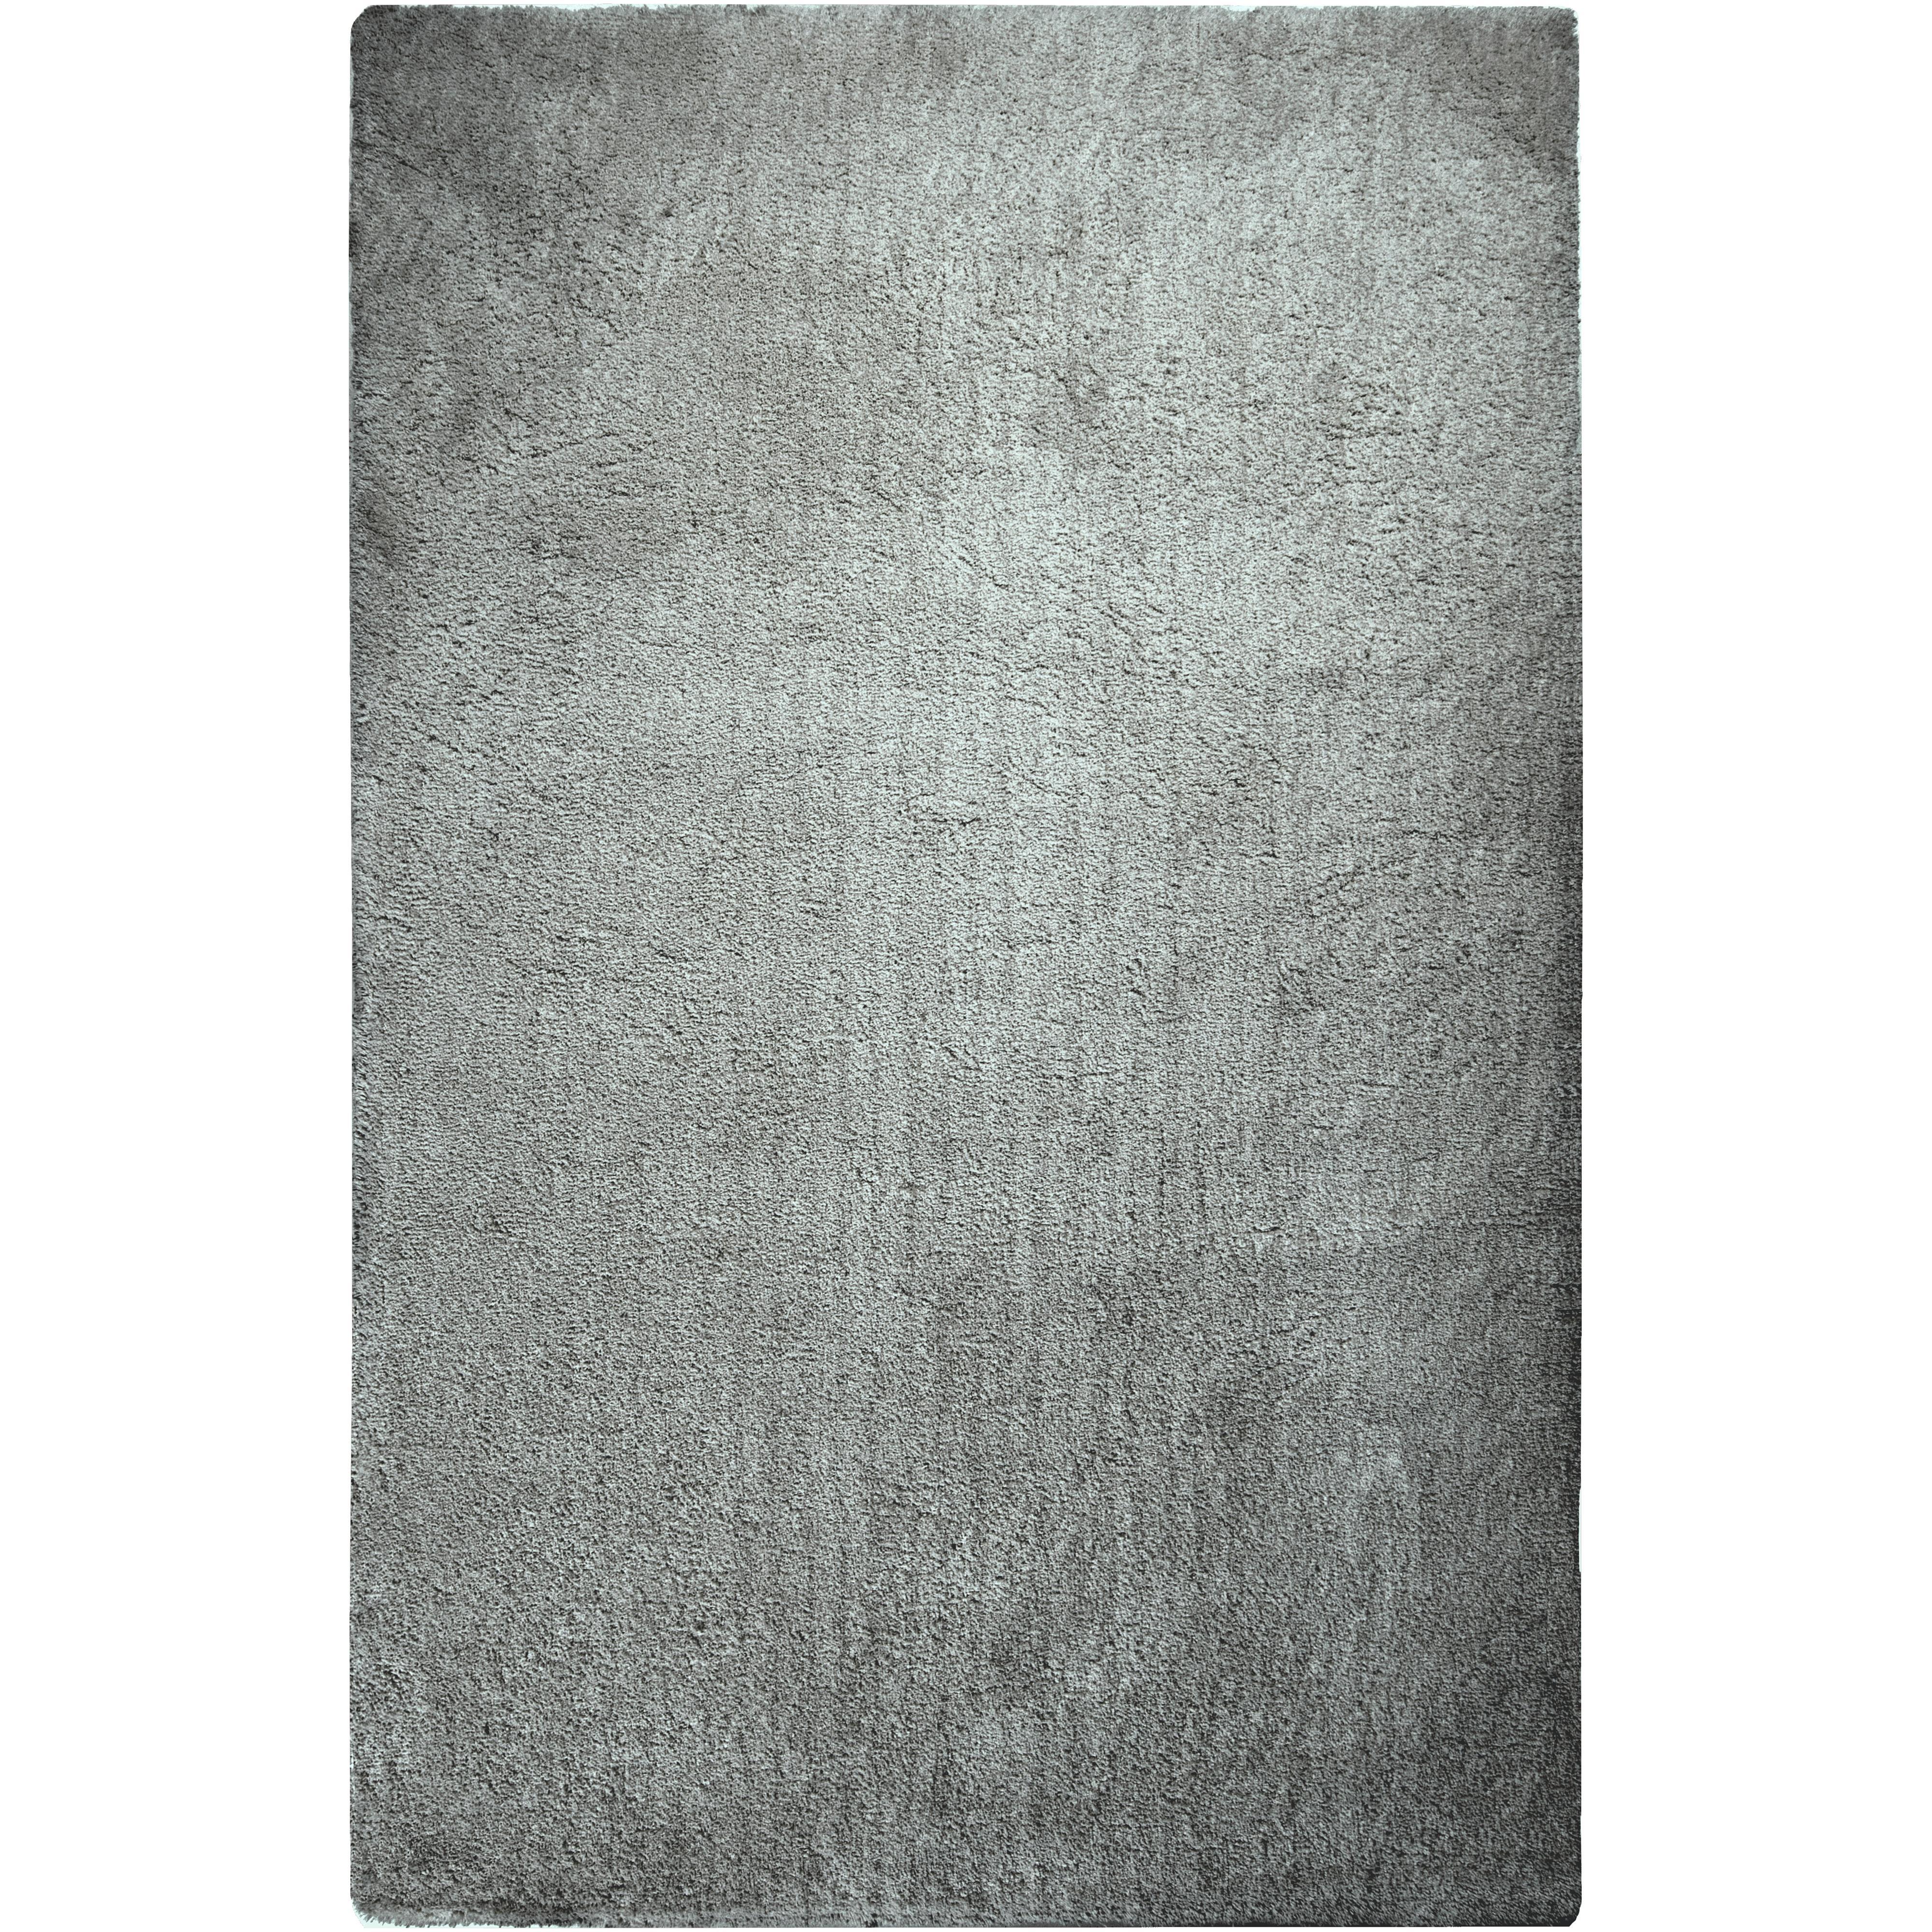 Surya Rugs Heaven 5' x 7' - Item Number: HEA8007-57